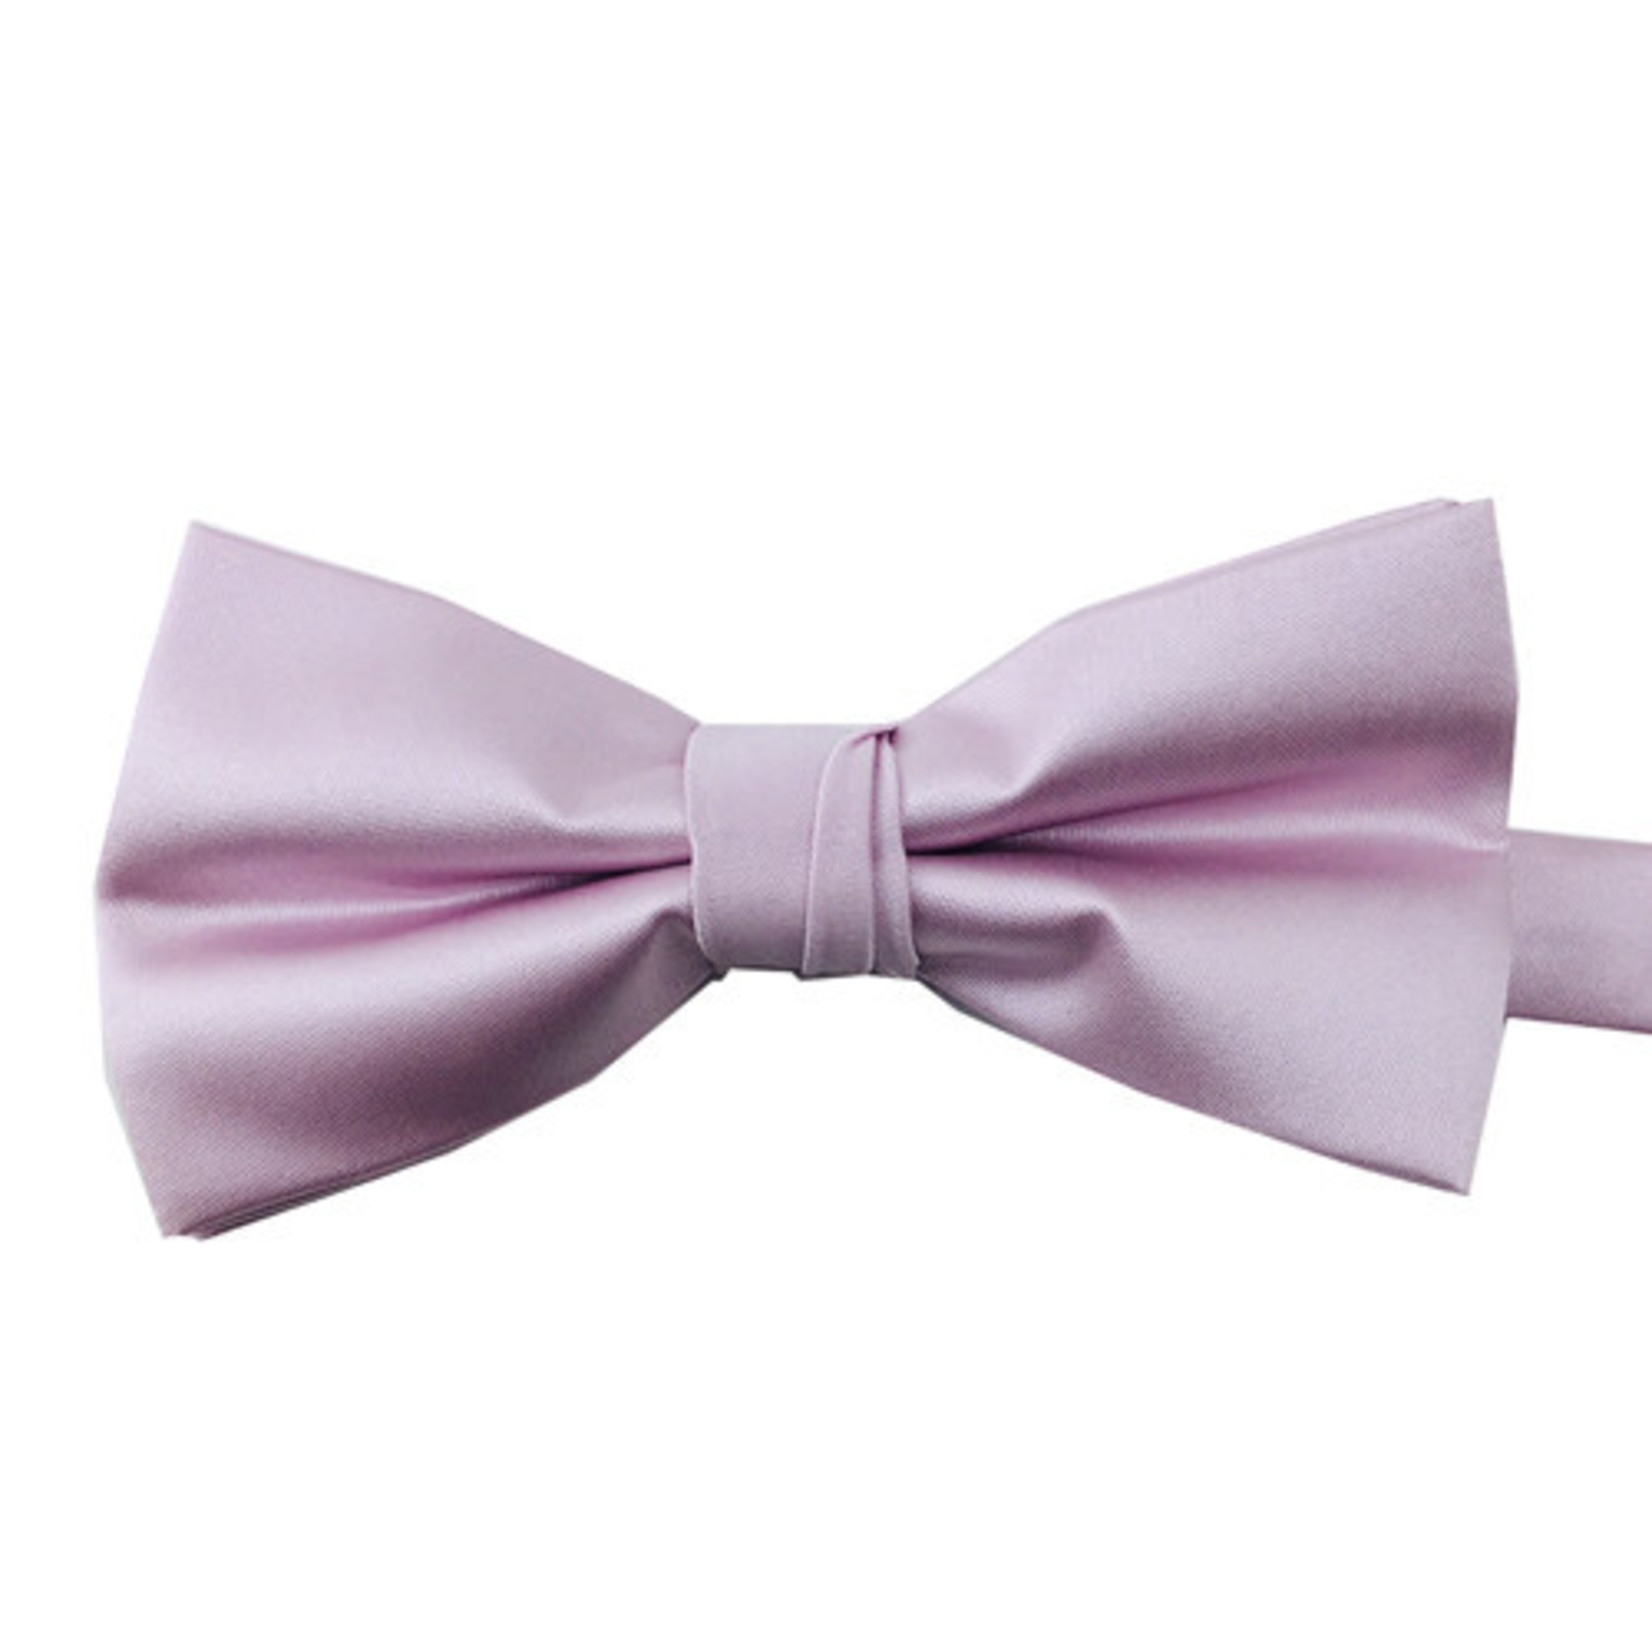 Knotz M100BT-55 Solid Blush Pink Bowtie